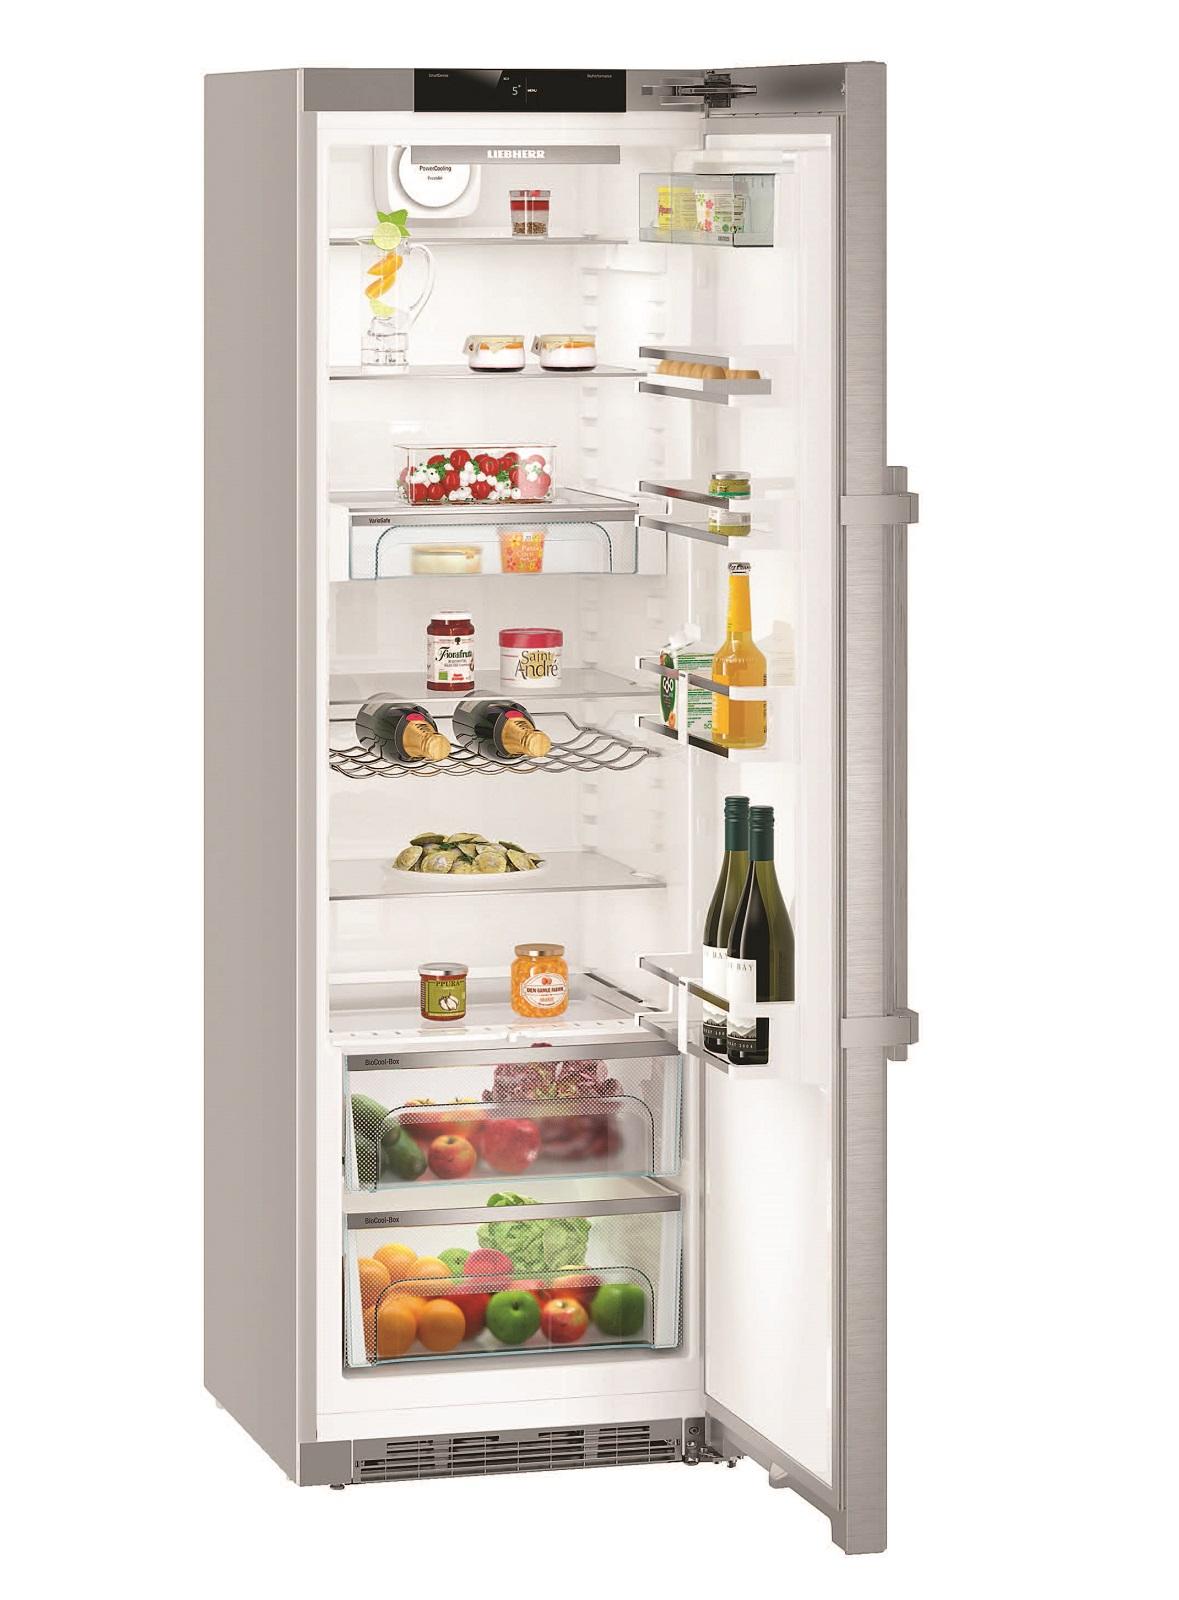 купить Однокамерный холодильник Liebherr Kef 4370 Украина фото 0